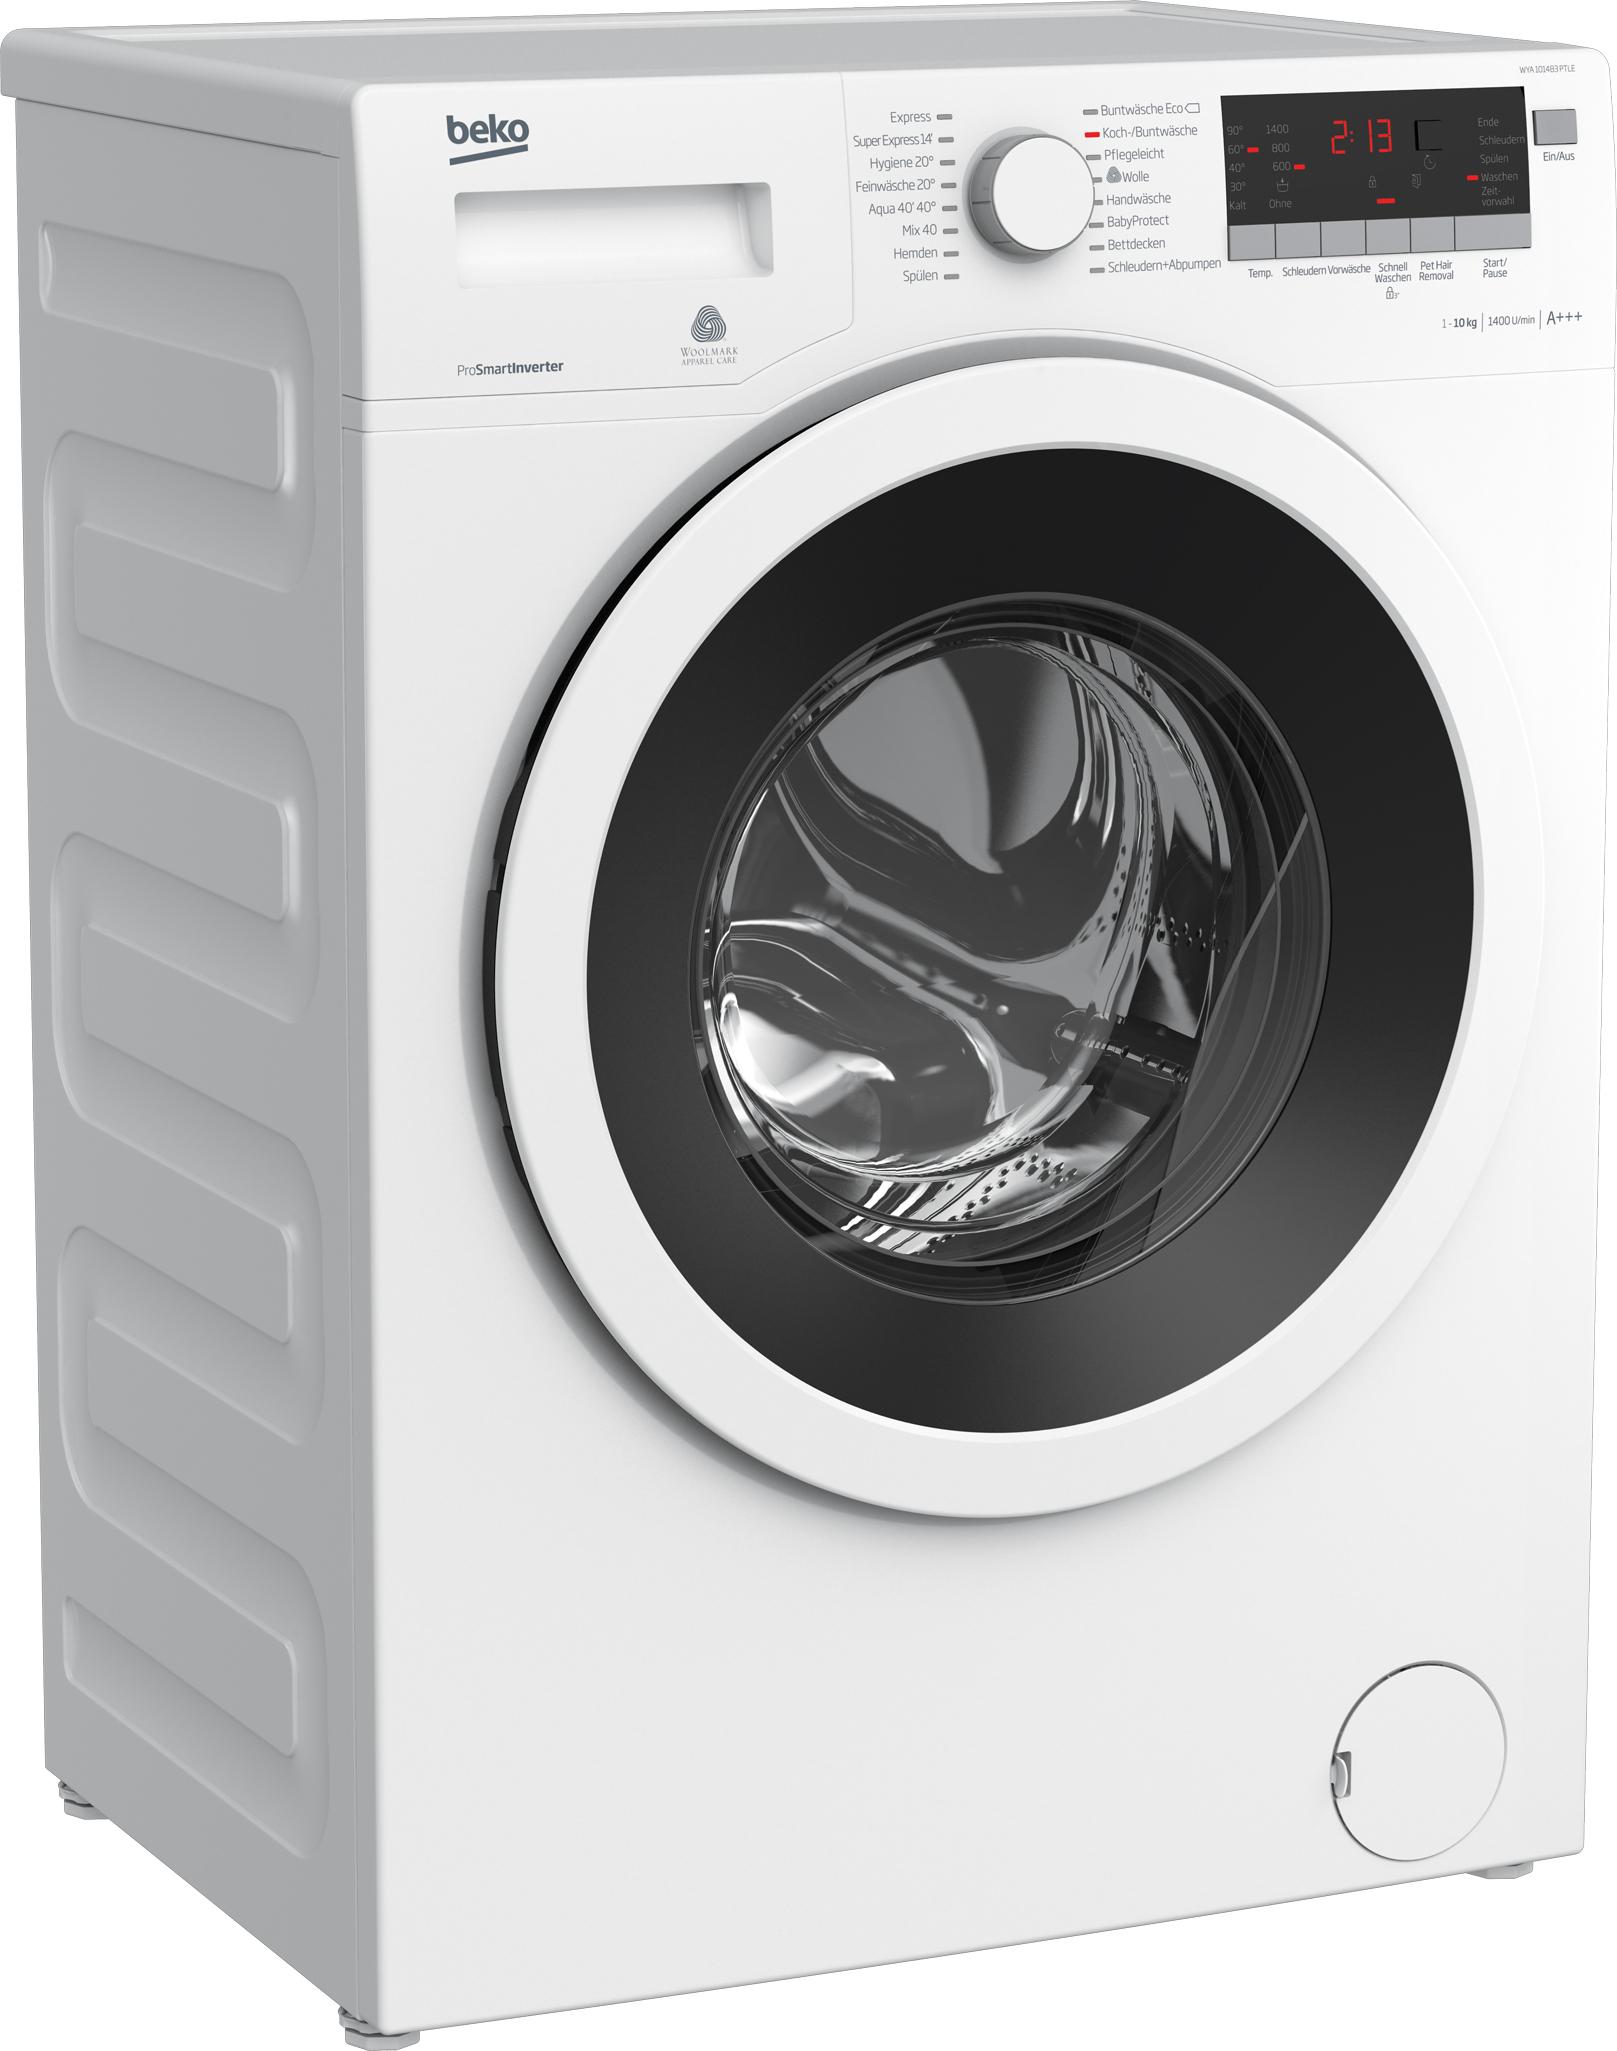 beko waschmaschine wya 101483 ptle 10 kg fassungsverm gen. Black Bedroom Furniture Sets. Home Design Ideas